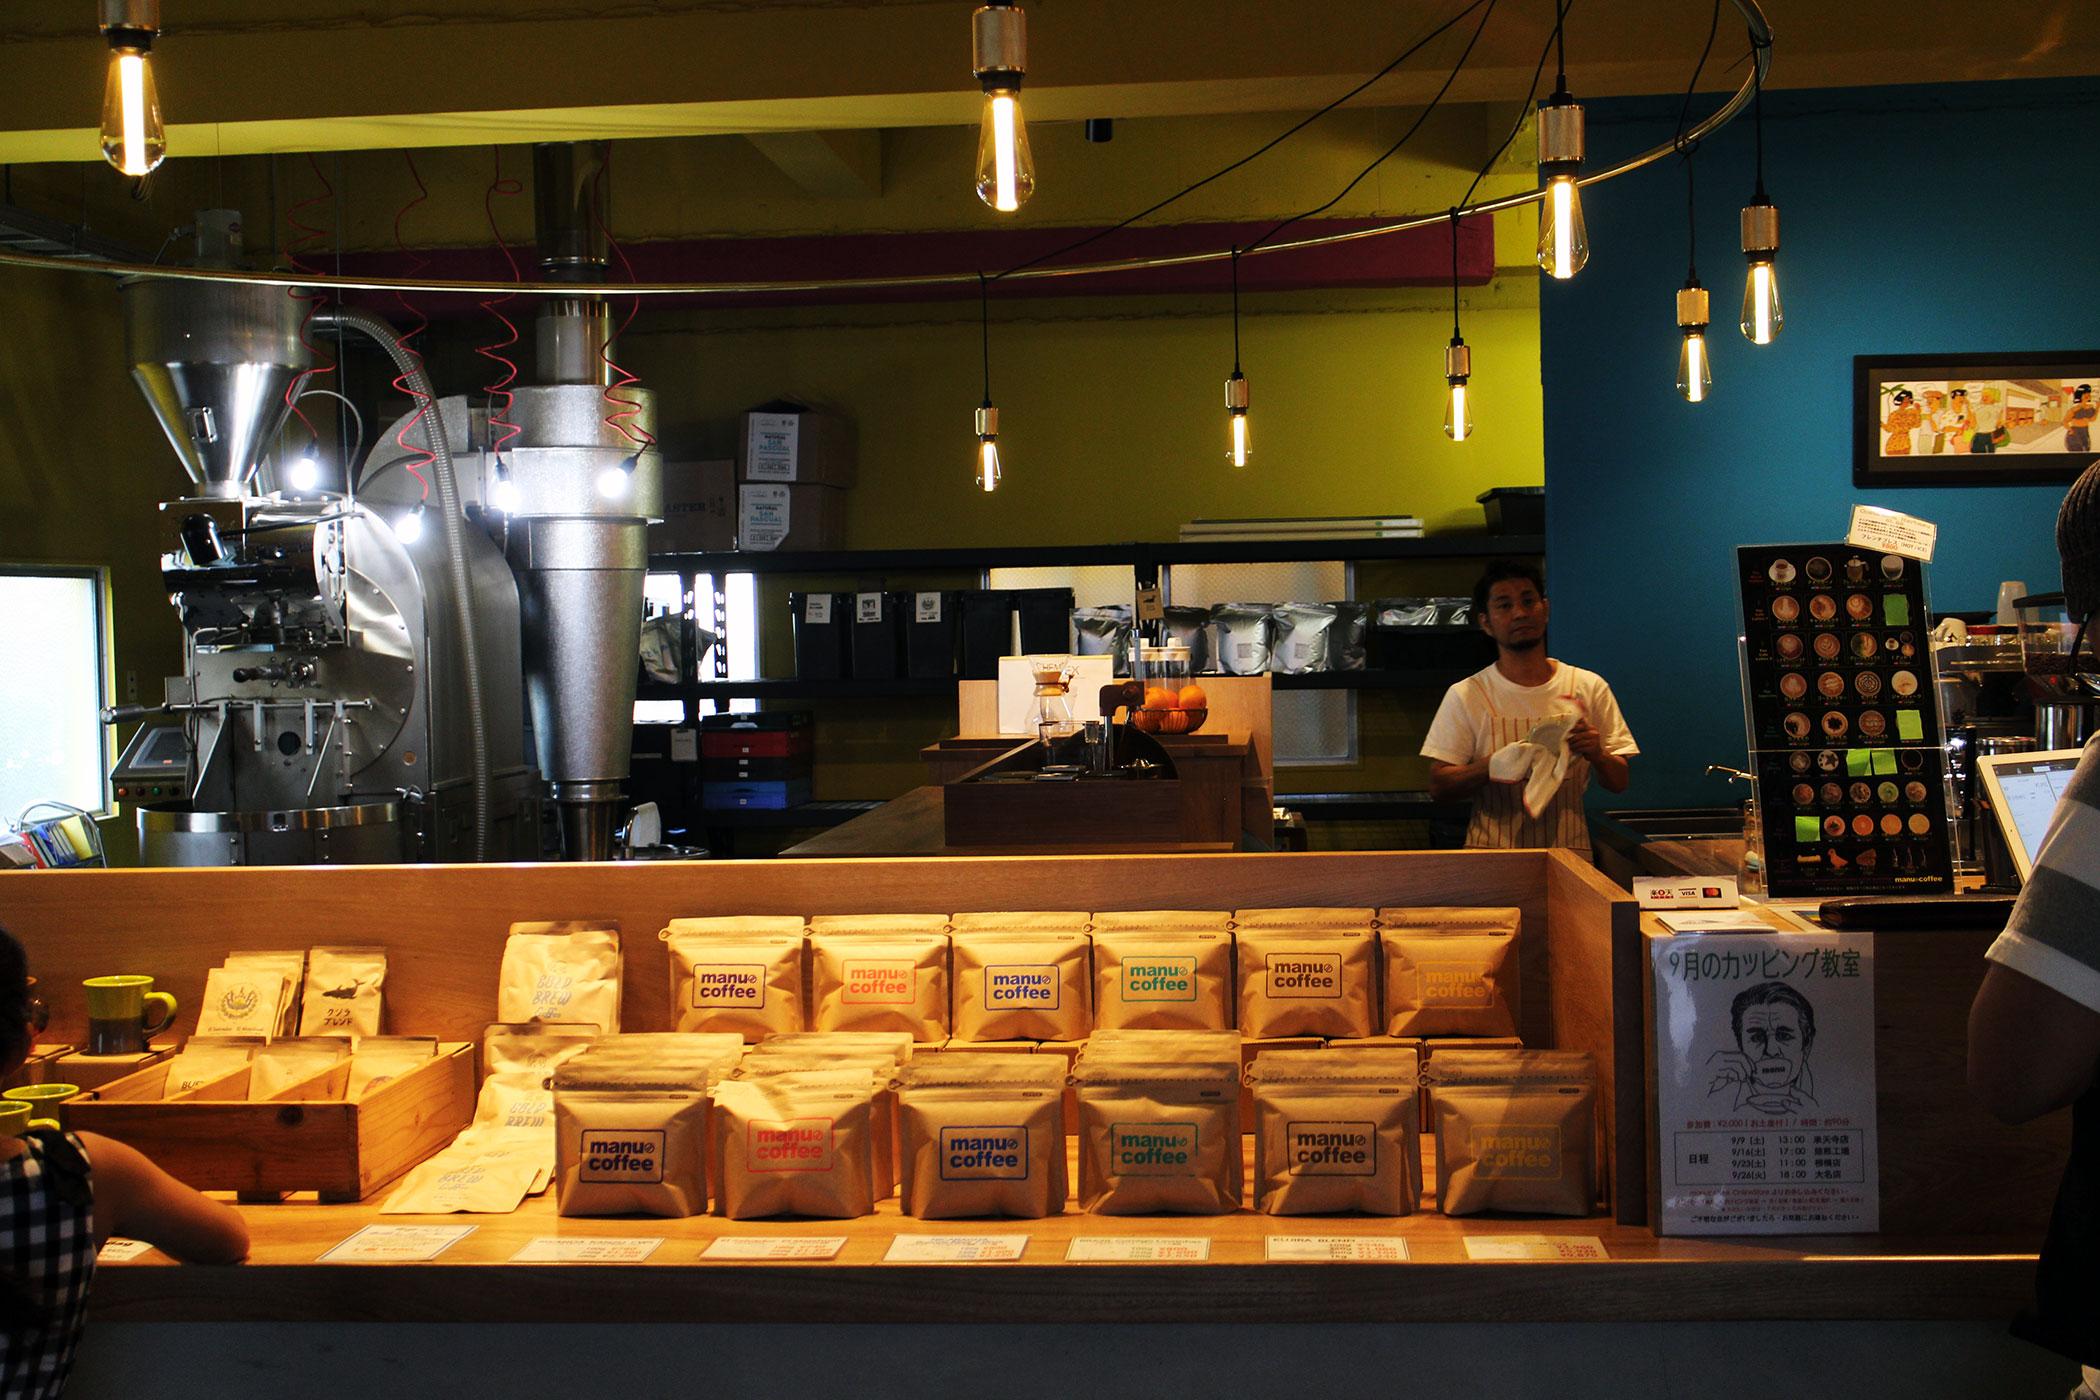 2017年9月に追加したショップ manu coffee roasters クジラ店